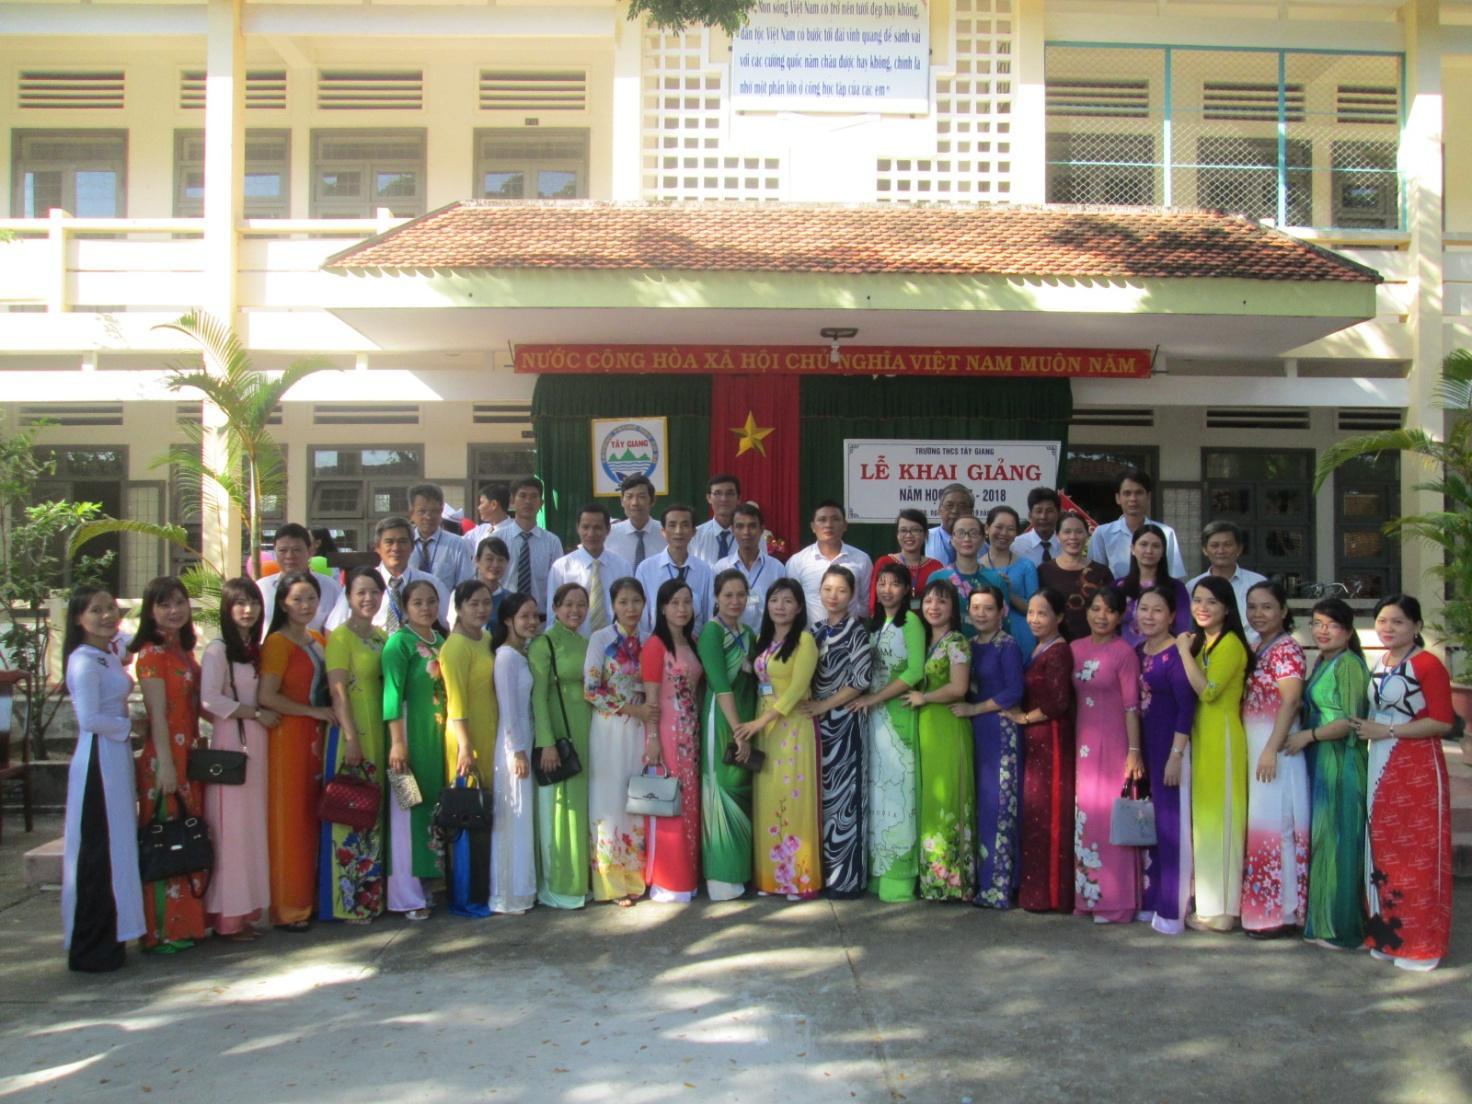 Tập thể sư phạm trường THCS Tây Giang trong ngày khai giảng năm học mới 2017-2018